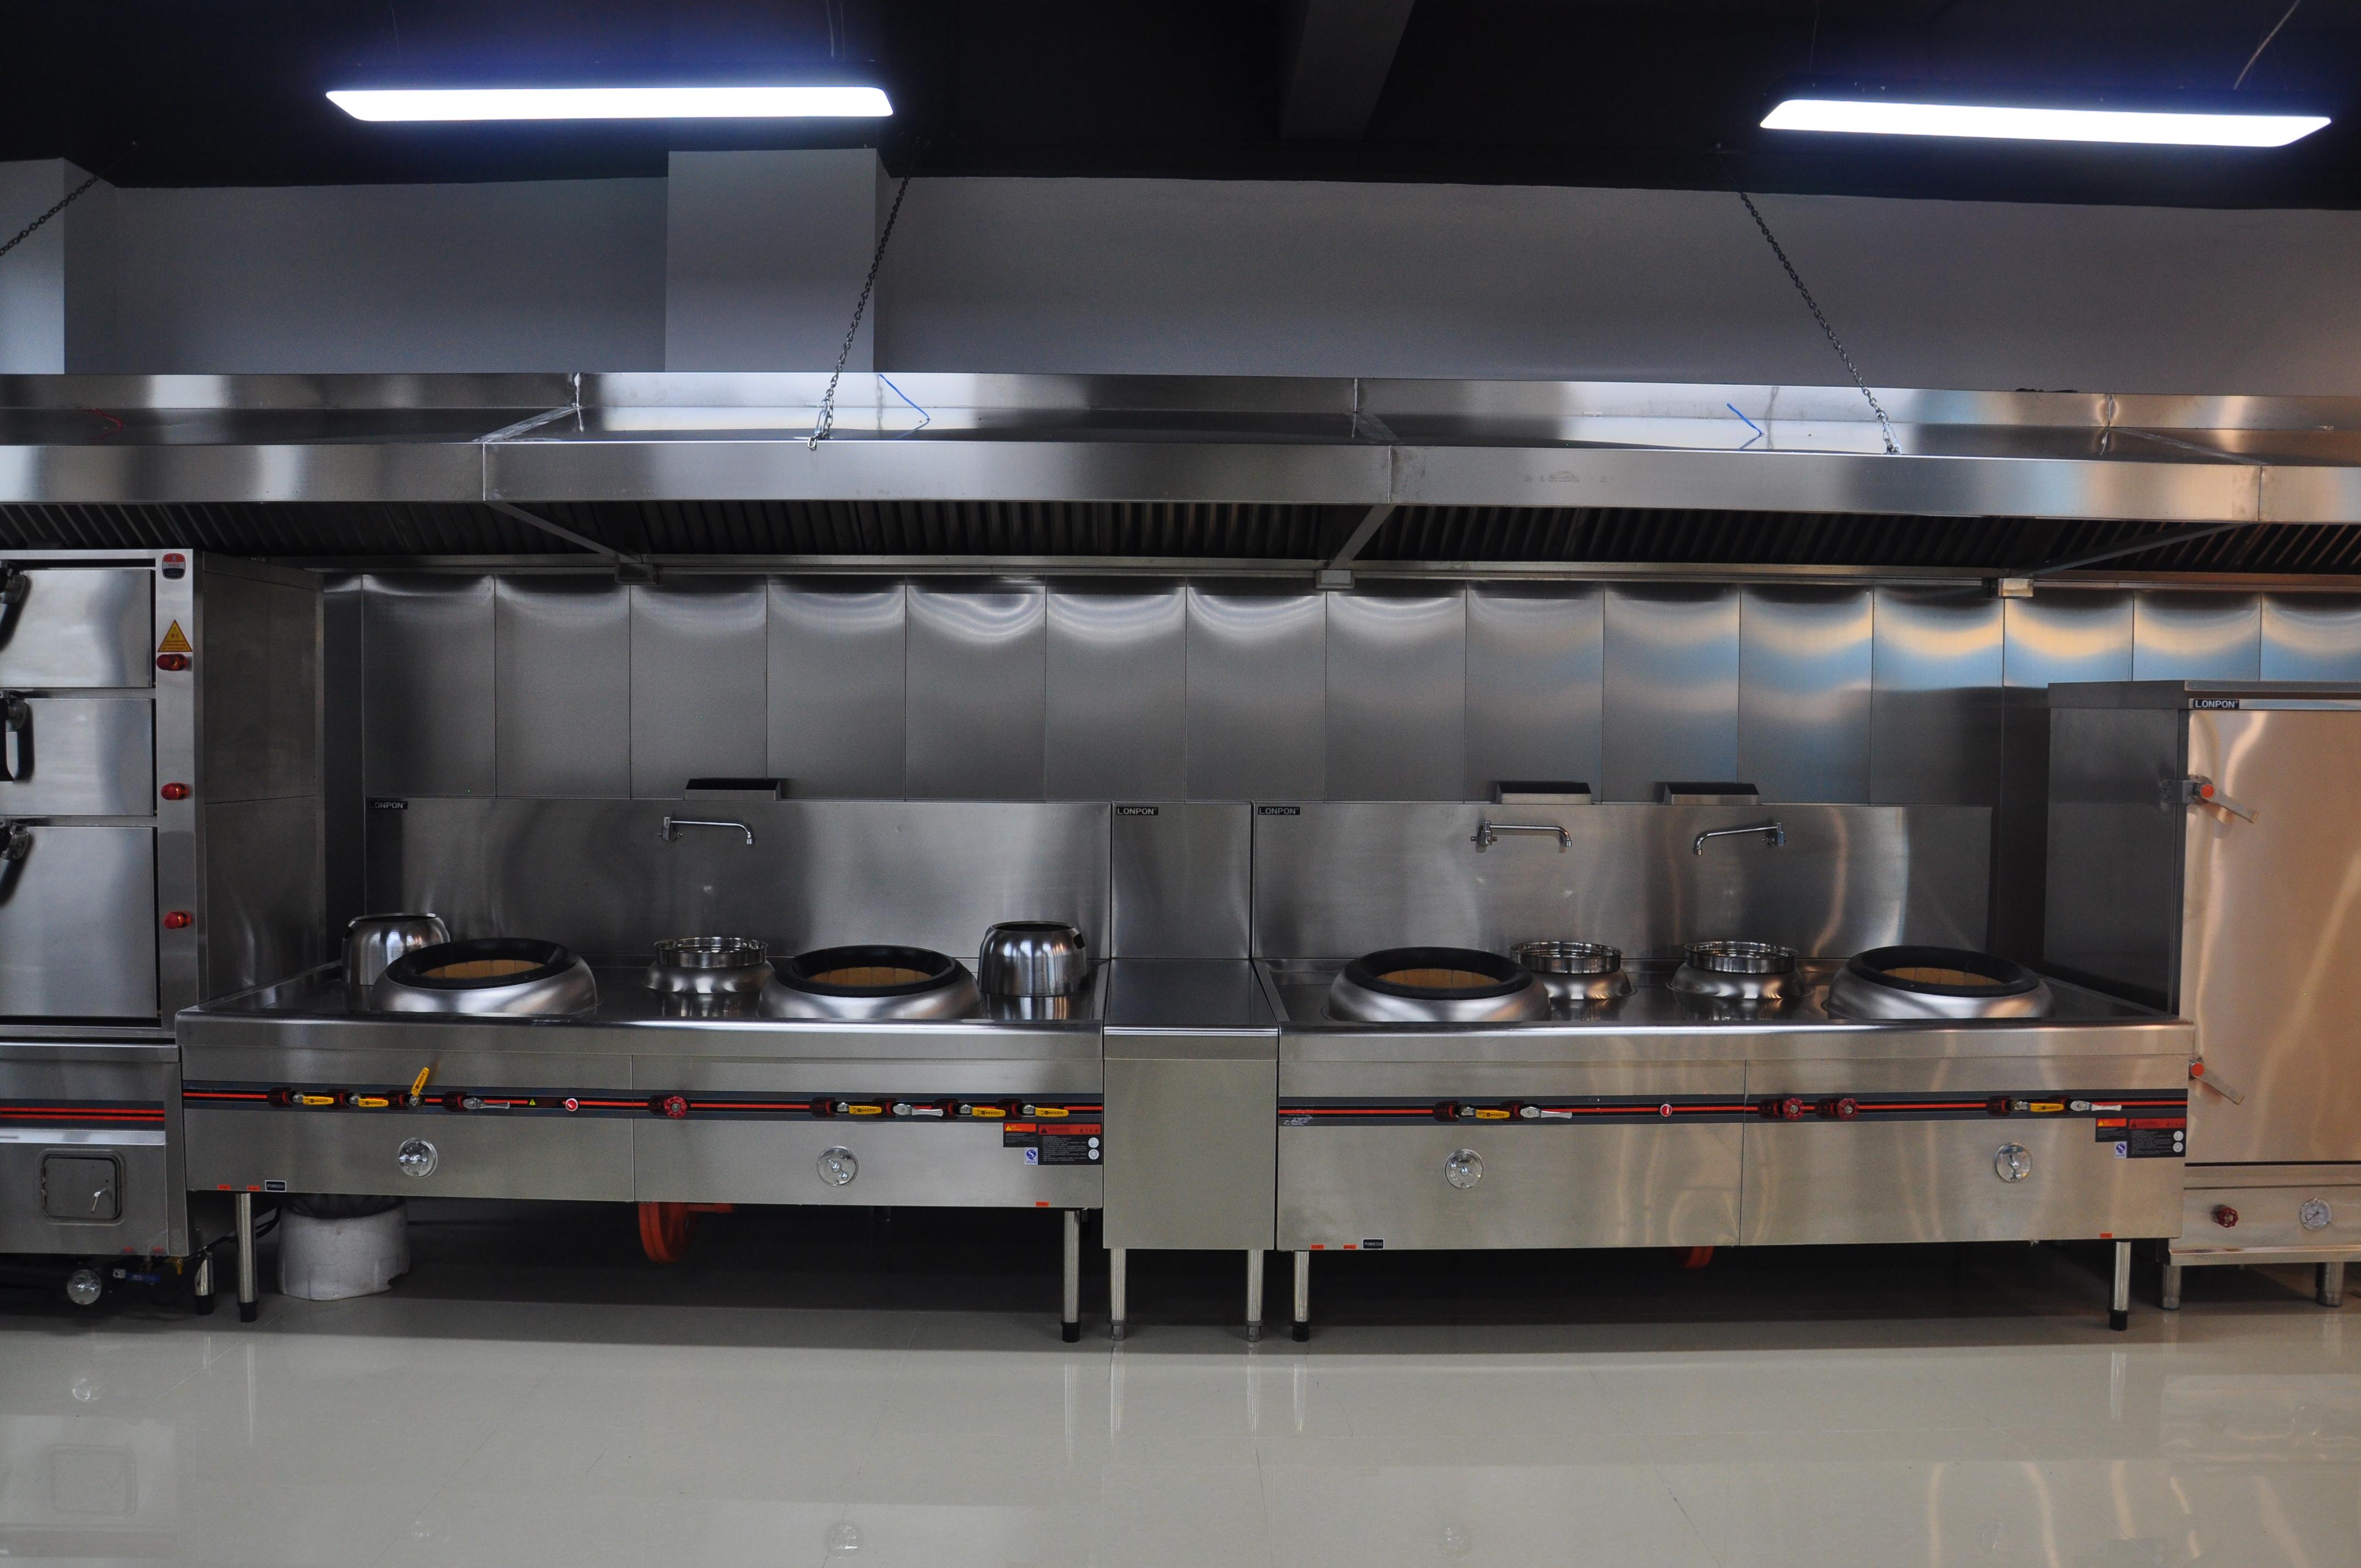 饭店厨房设备——饭店商用厨房规划有哪些要求